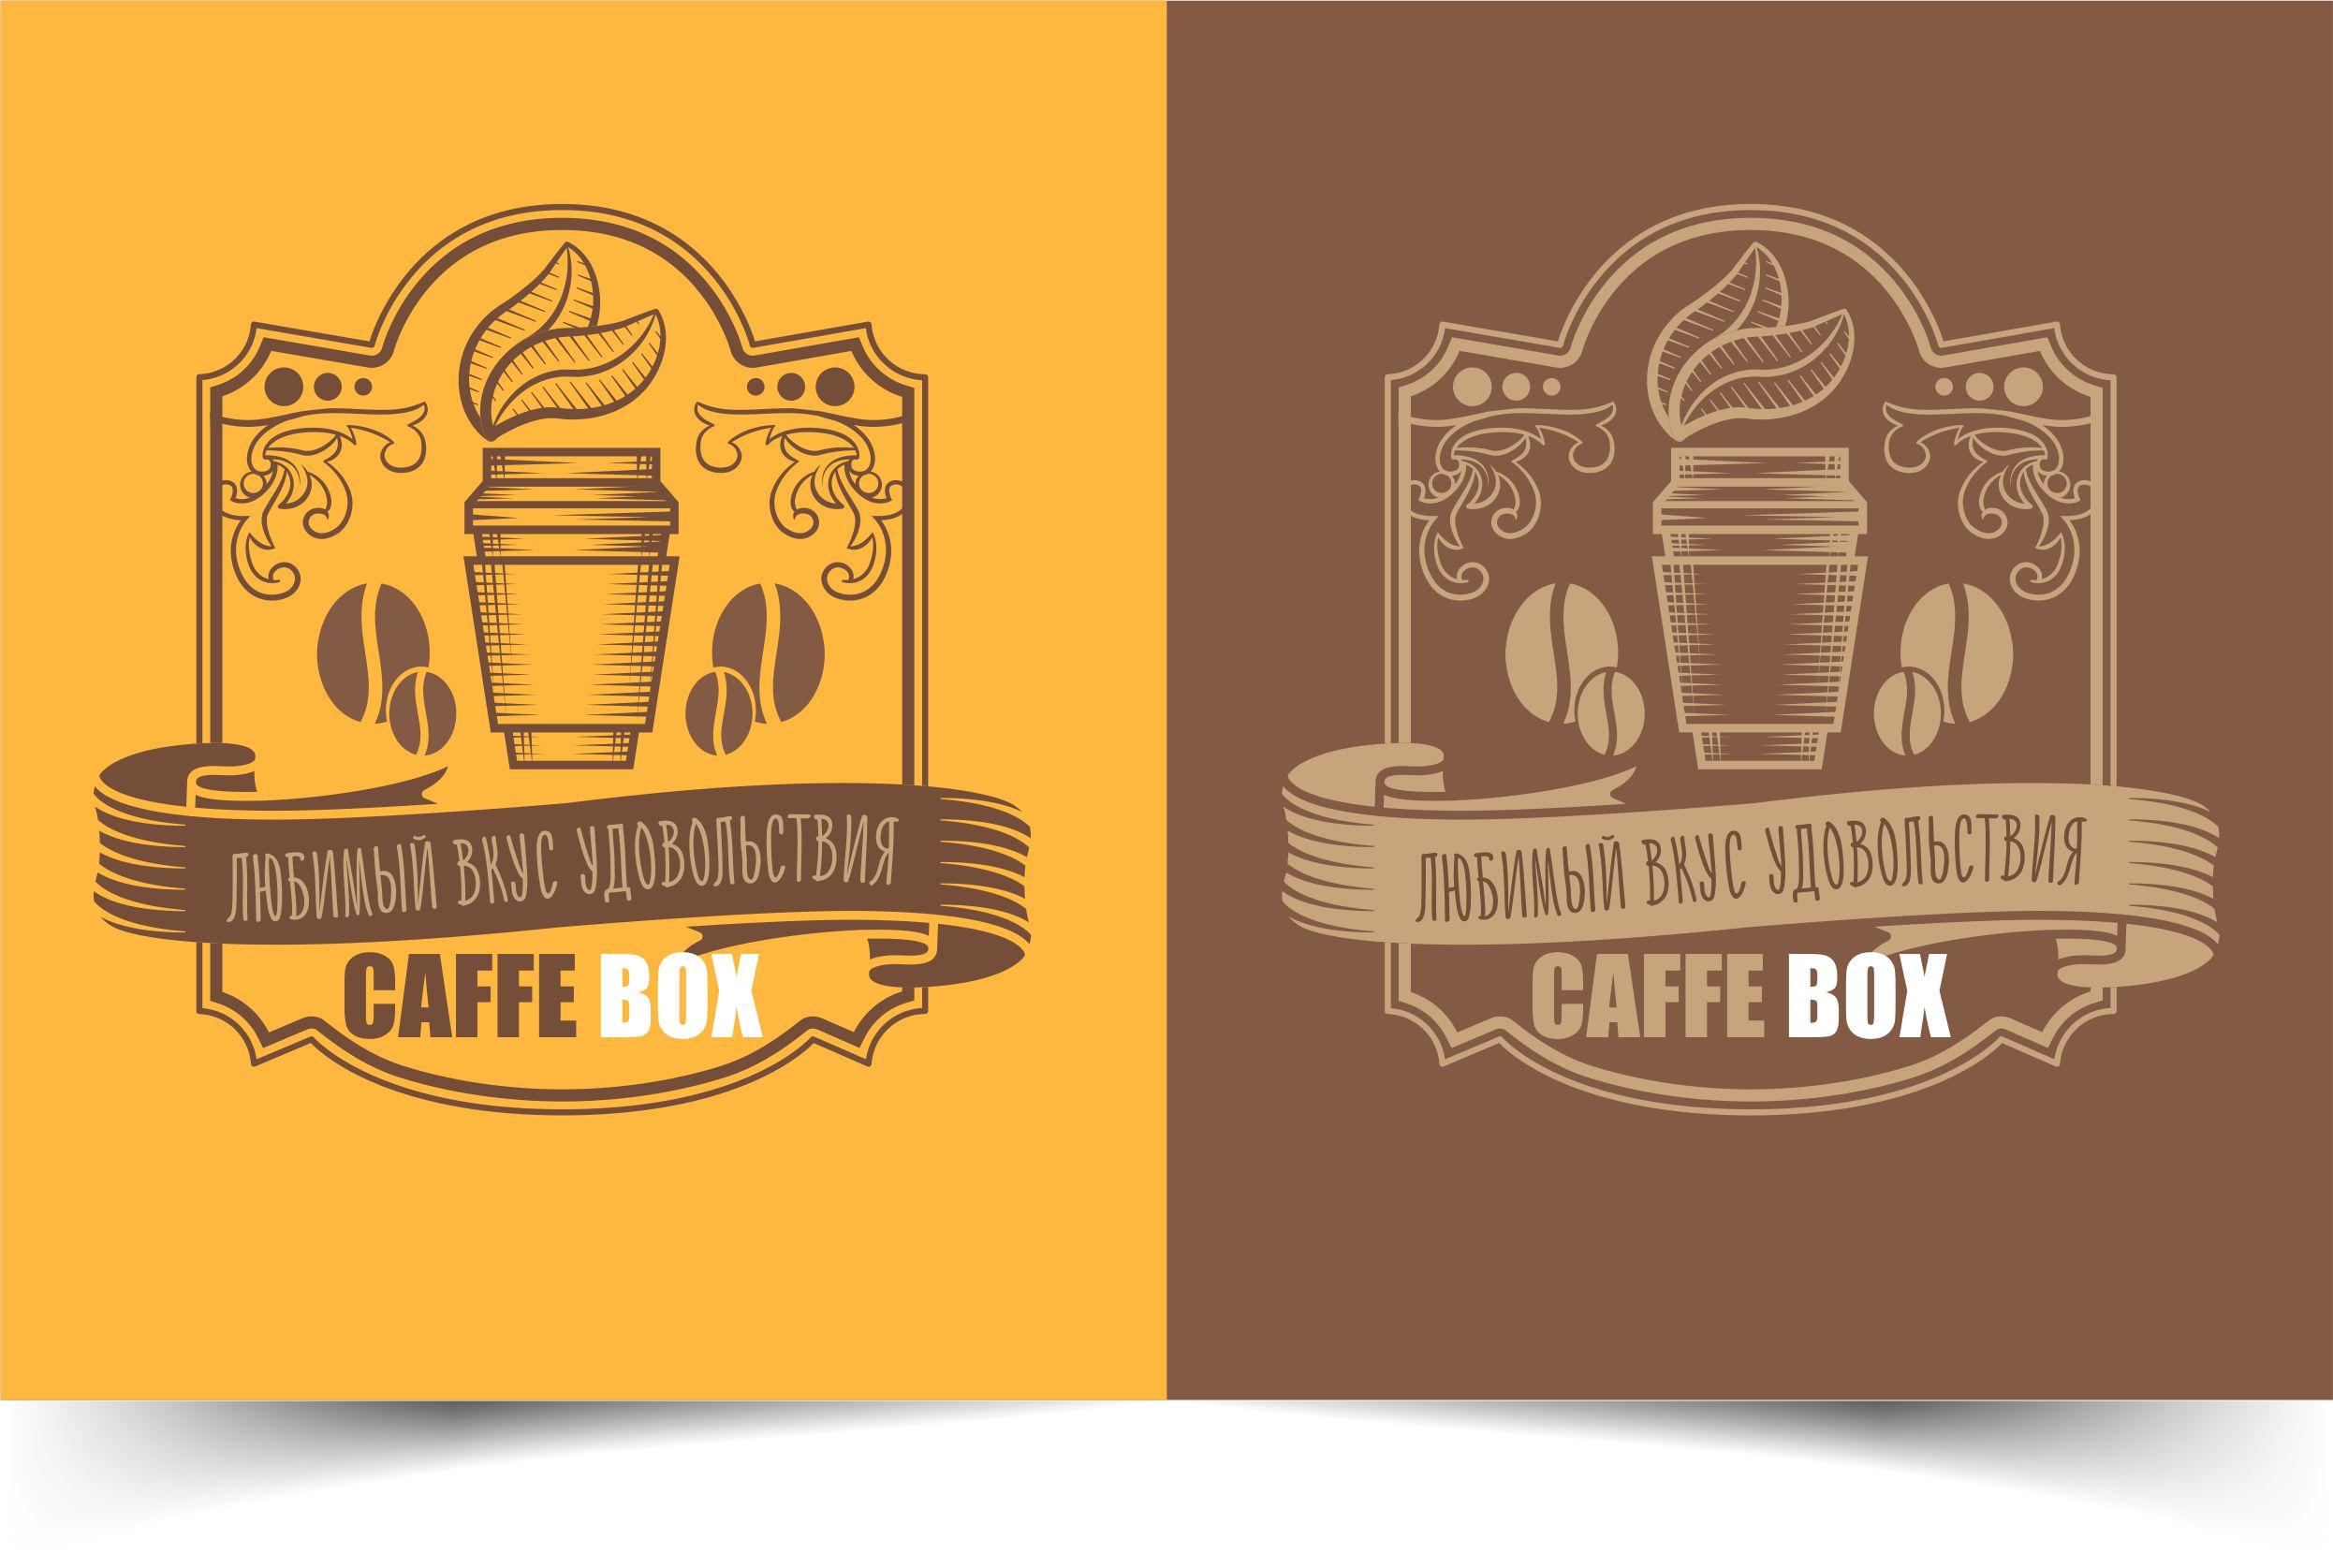 Требуется очень срочно разработать логотип кофейни! фото f_6965a0aebb4a409a.jpg